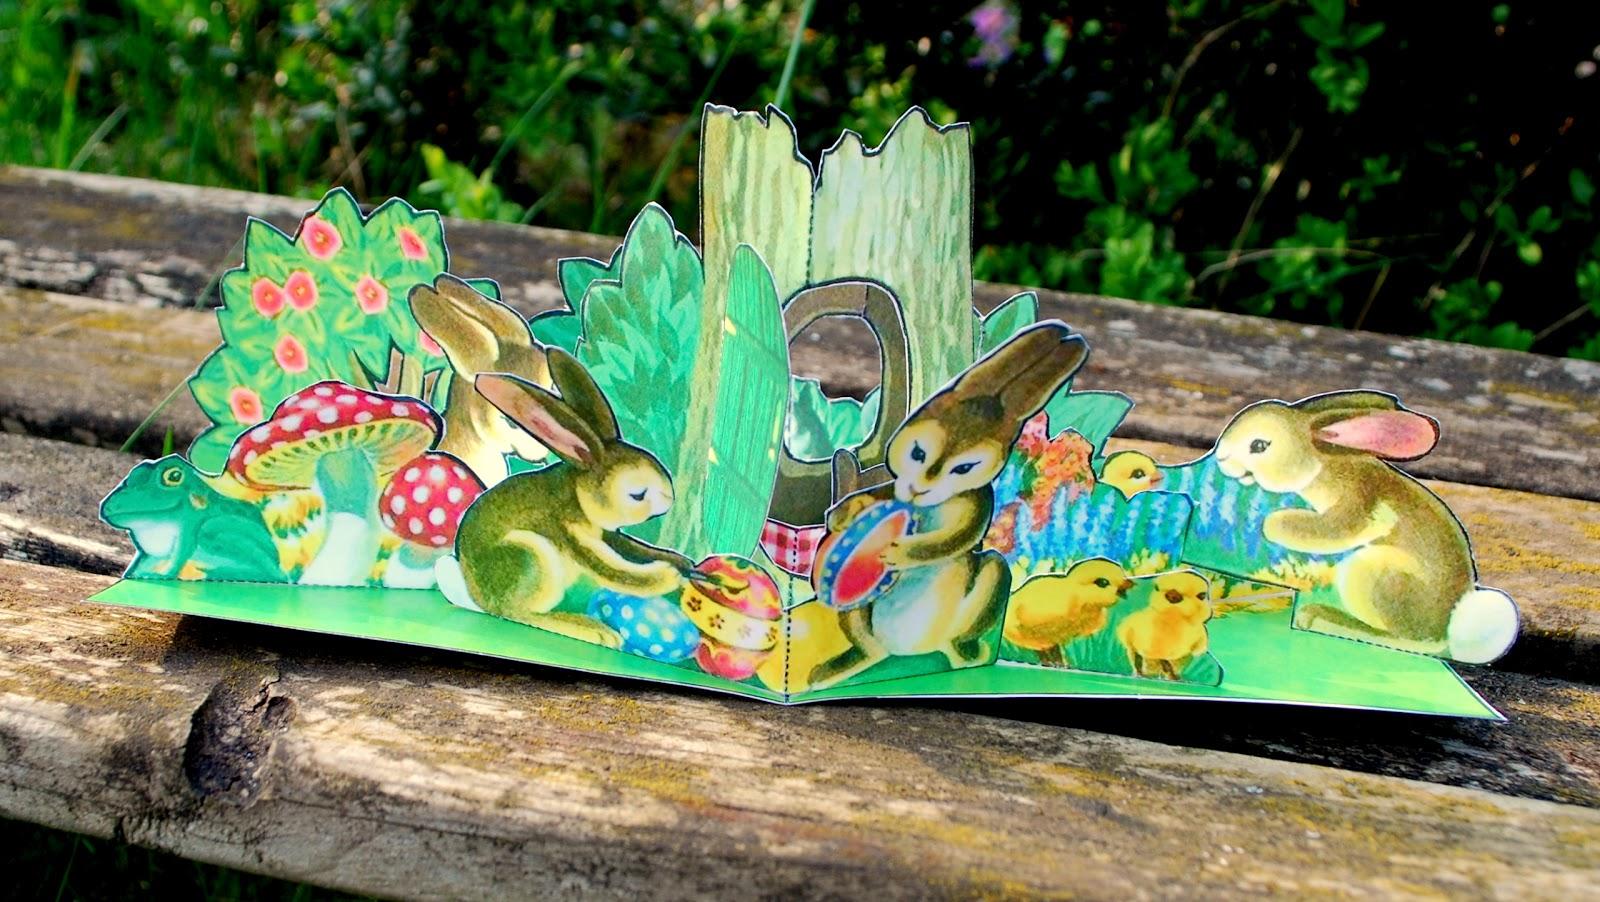 http://4.bp.blogspot.com/--LVjHIRhm8Y/T38ah-8bETI/AAAAAAAAAUQ/2D5DUBlgJas/s1600/rae+owings+pop+up+paques+easter+paques+ostern+decoupage+paper+toy+ausschneidebogen+recotables+.JPG